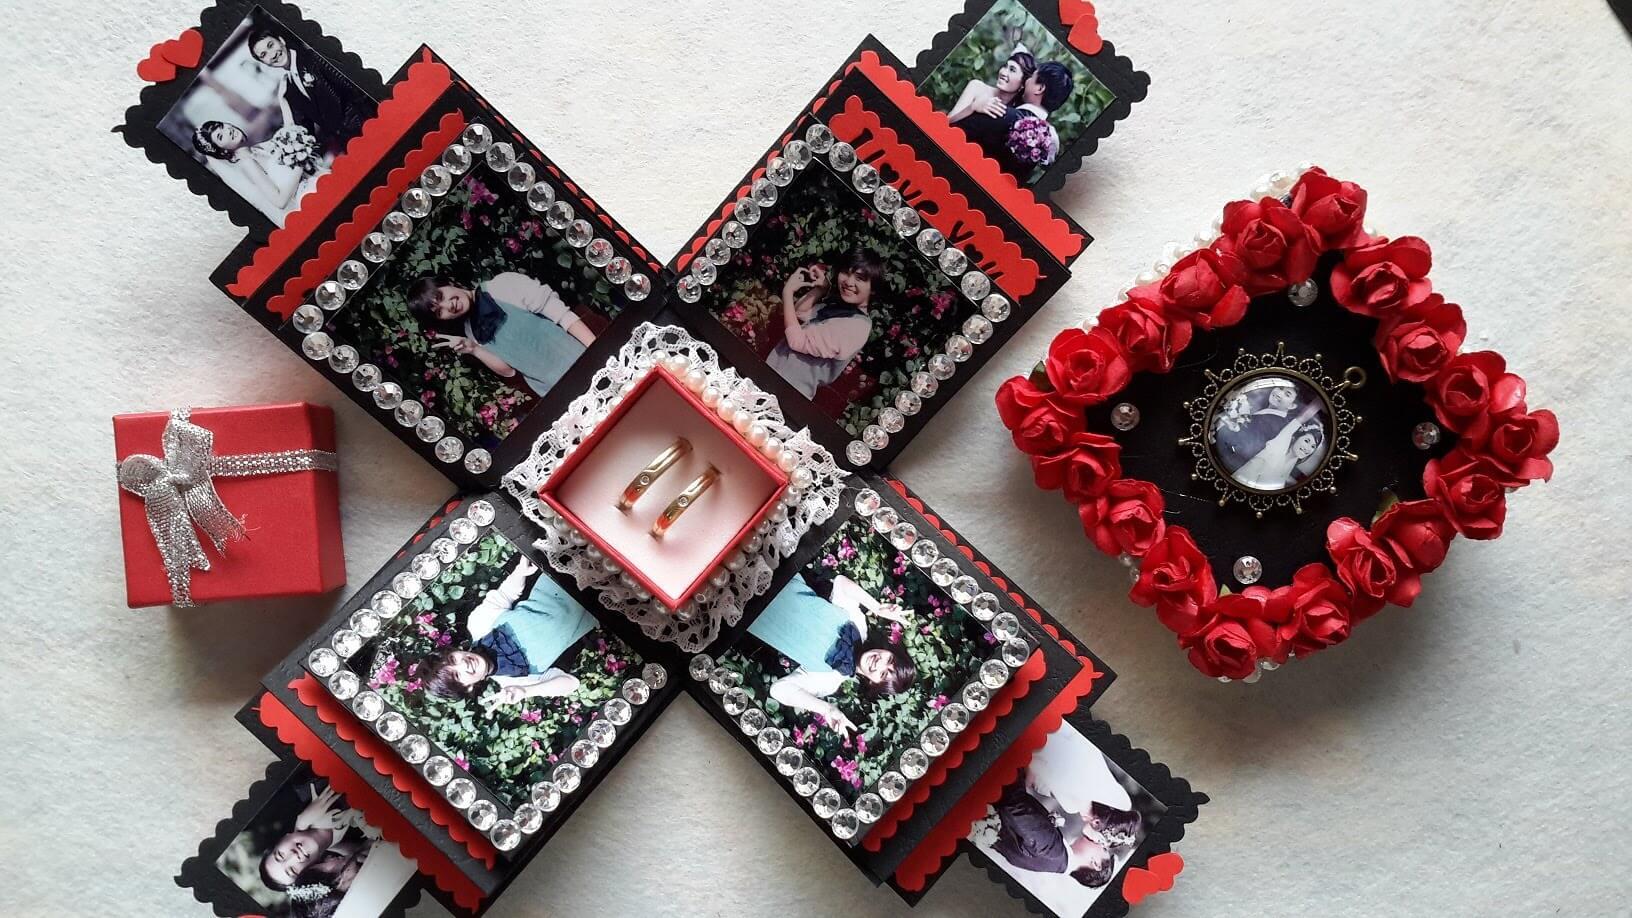 Những chiếc hộp lưu giữ kỉ niệm tình yêu